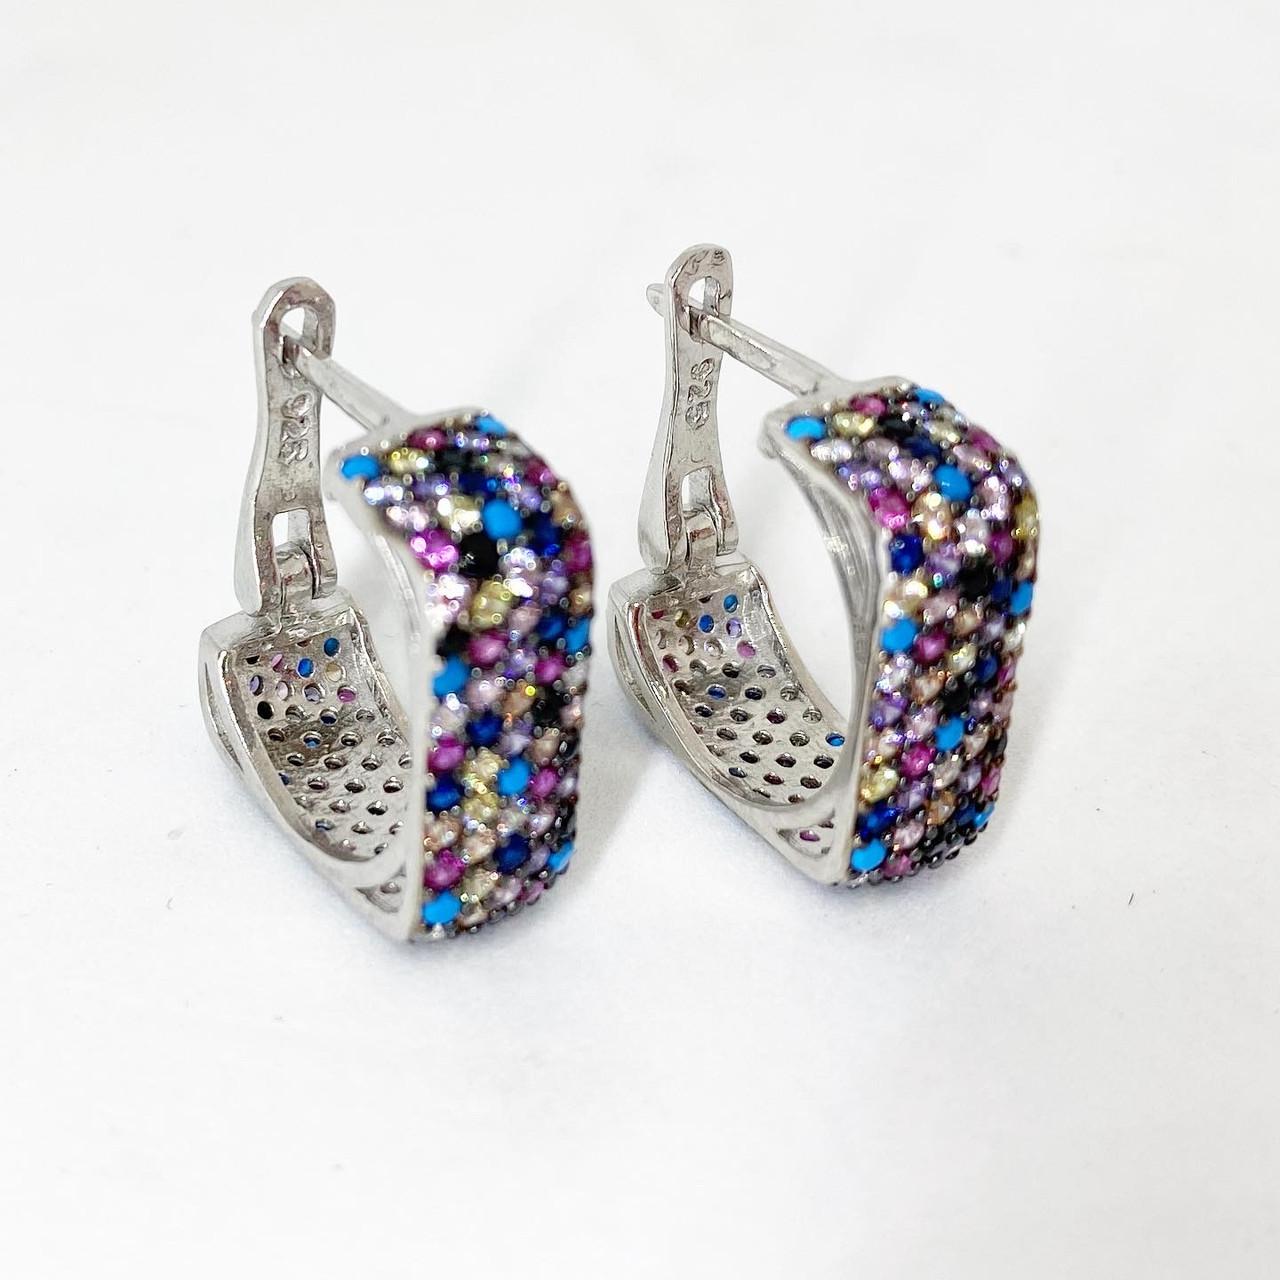 Сережки зі срібла Beauty Bar англійська застібка з різнокольоровими каменями Swarovski квадрати широкі